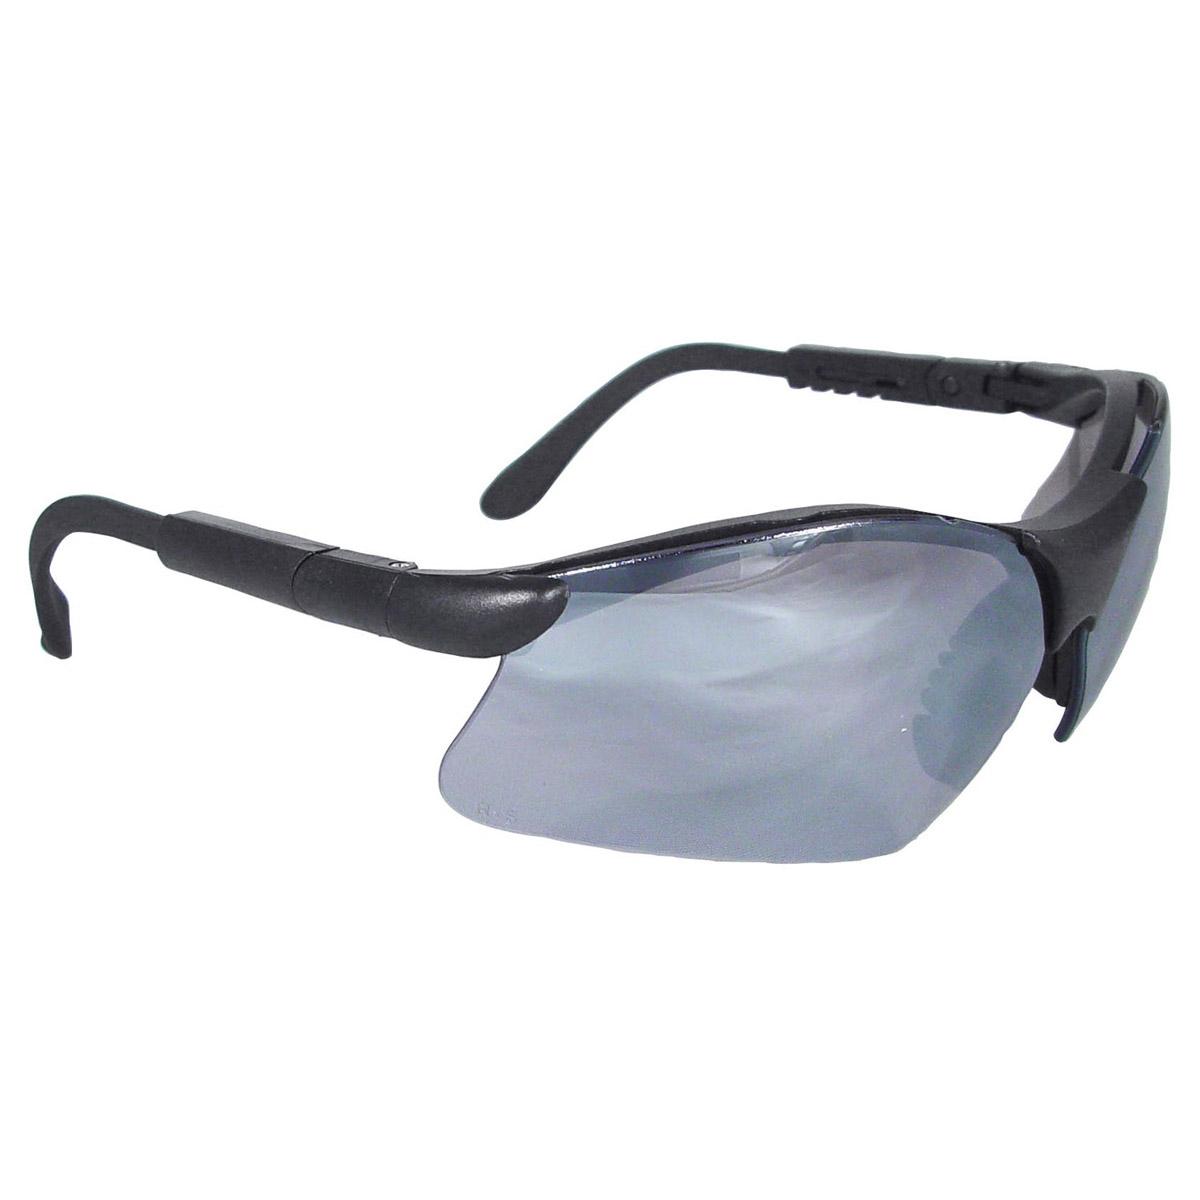 5c7f2ee3faf Self Adjusting Lens Glasses